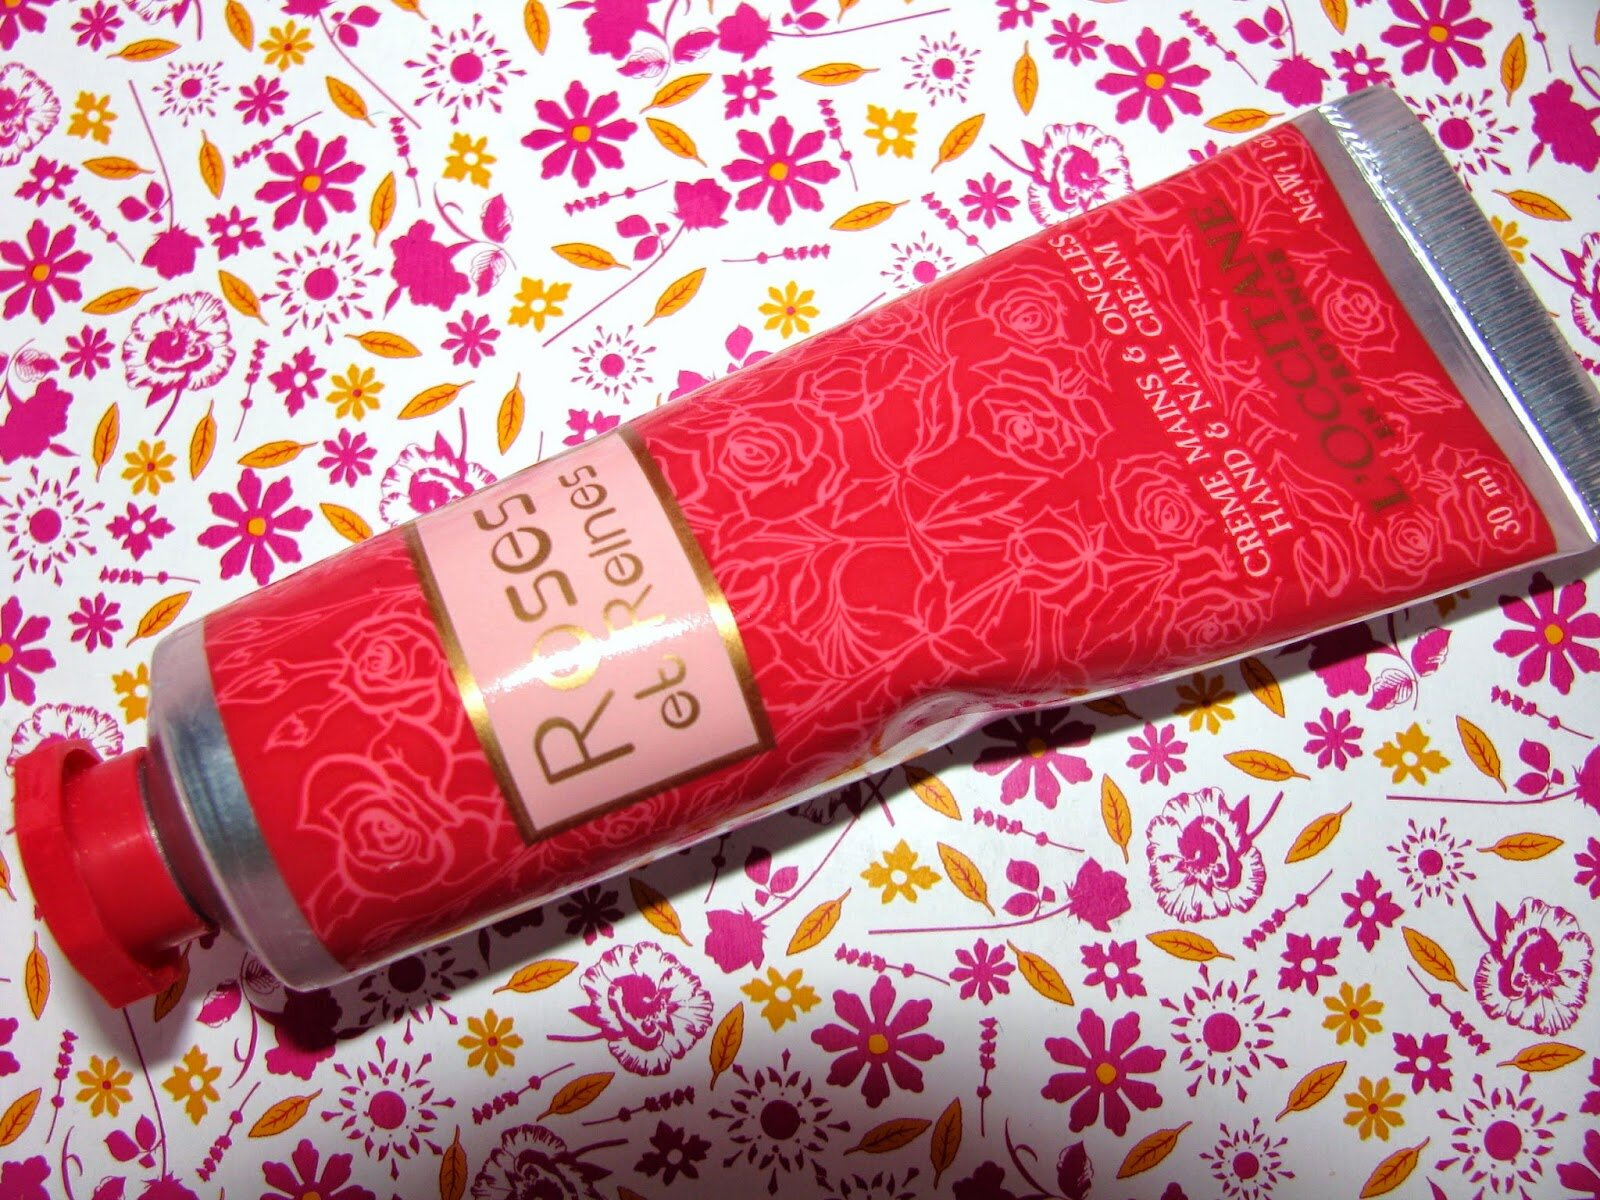 Review kem dưỡng da tay L'Occitane Velvet Hand Cream Rose et Reines